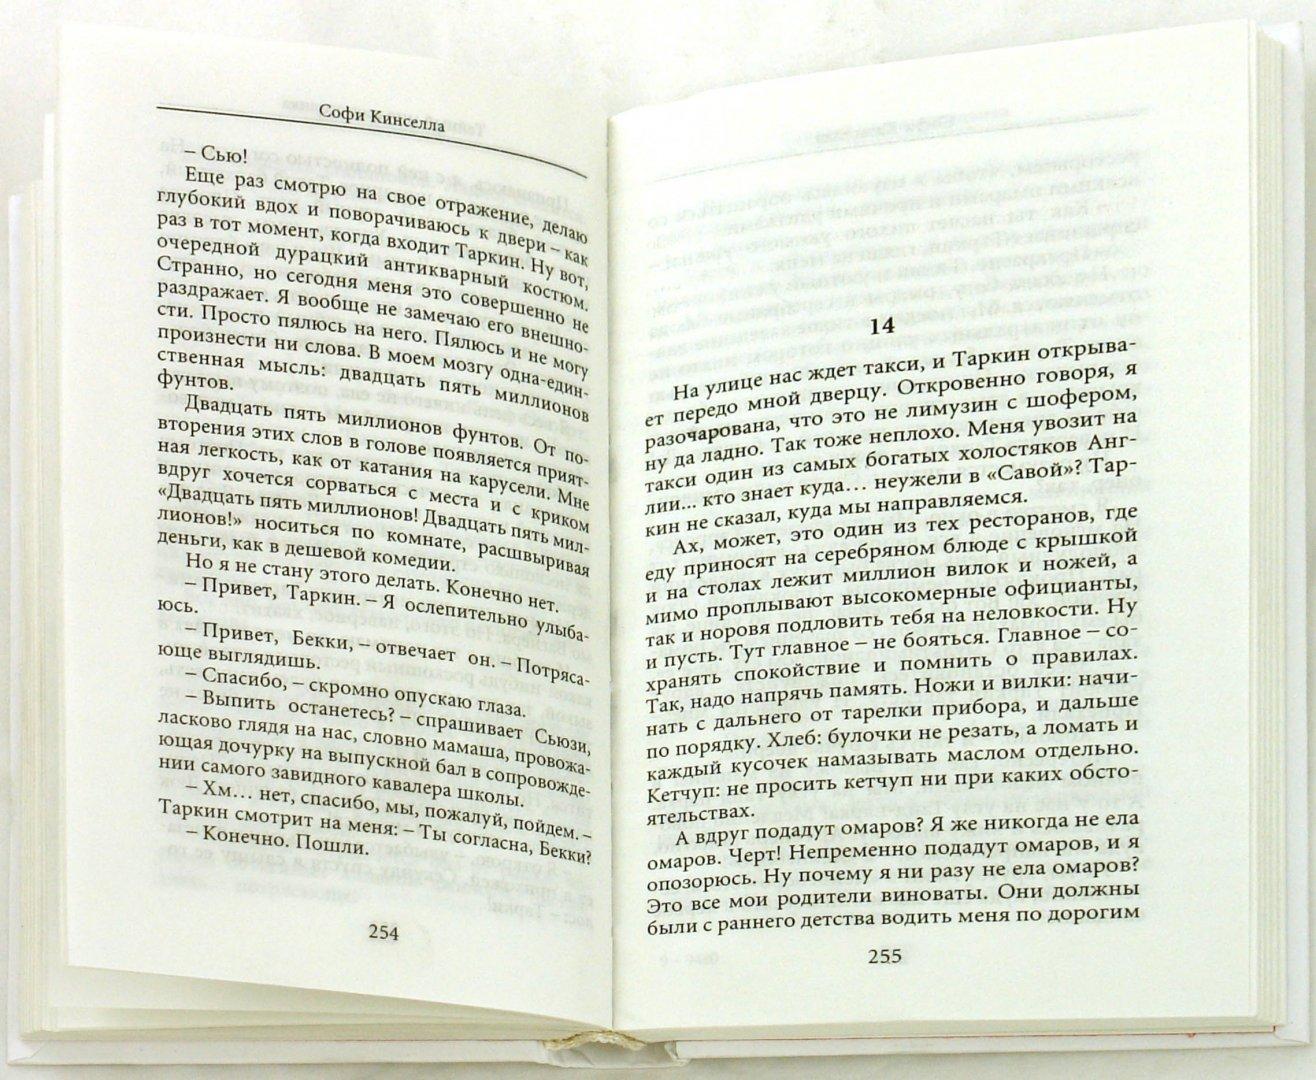 Иллюстрация 1 из 2 для Тайный мир Шопоголика - Софи Кинселла | Лабиринт - книги. Источник: Лабиринт